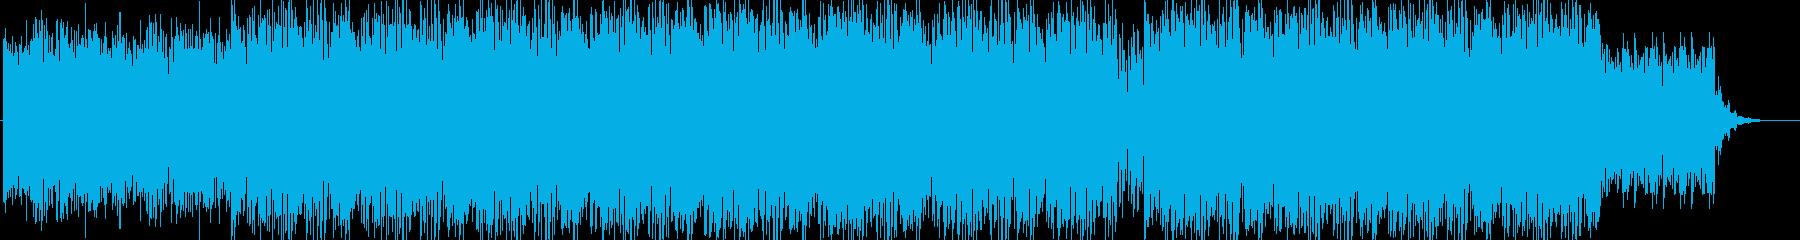 ニュースの事件報道のBGMの再生済みの波形